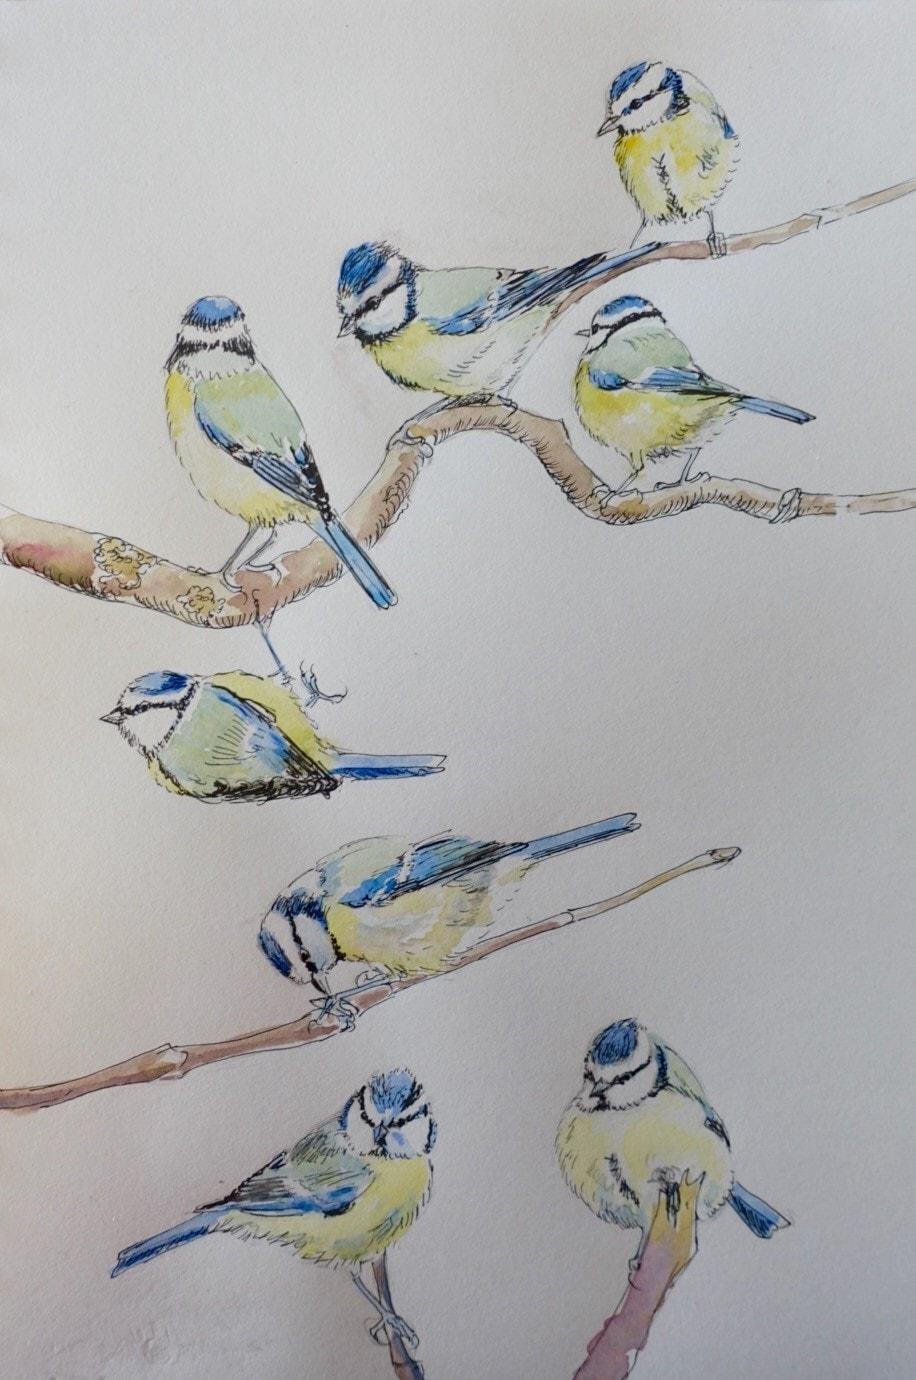 Blue tit sketches